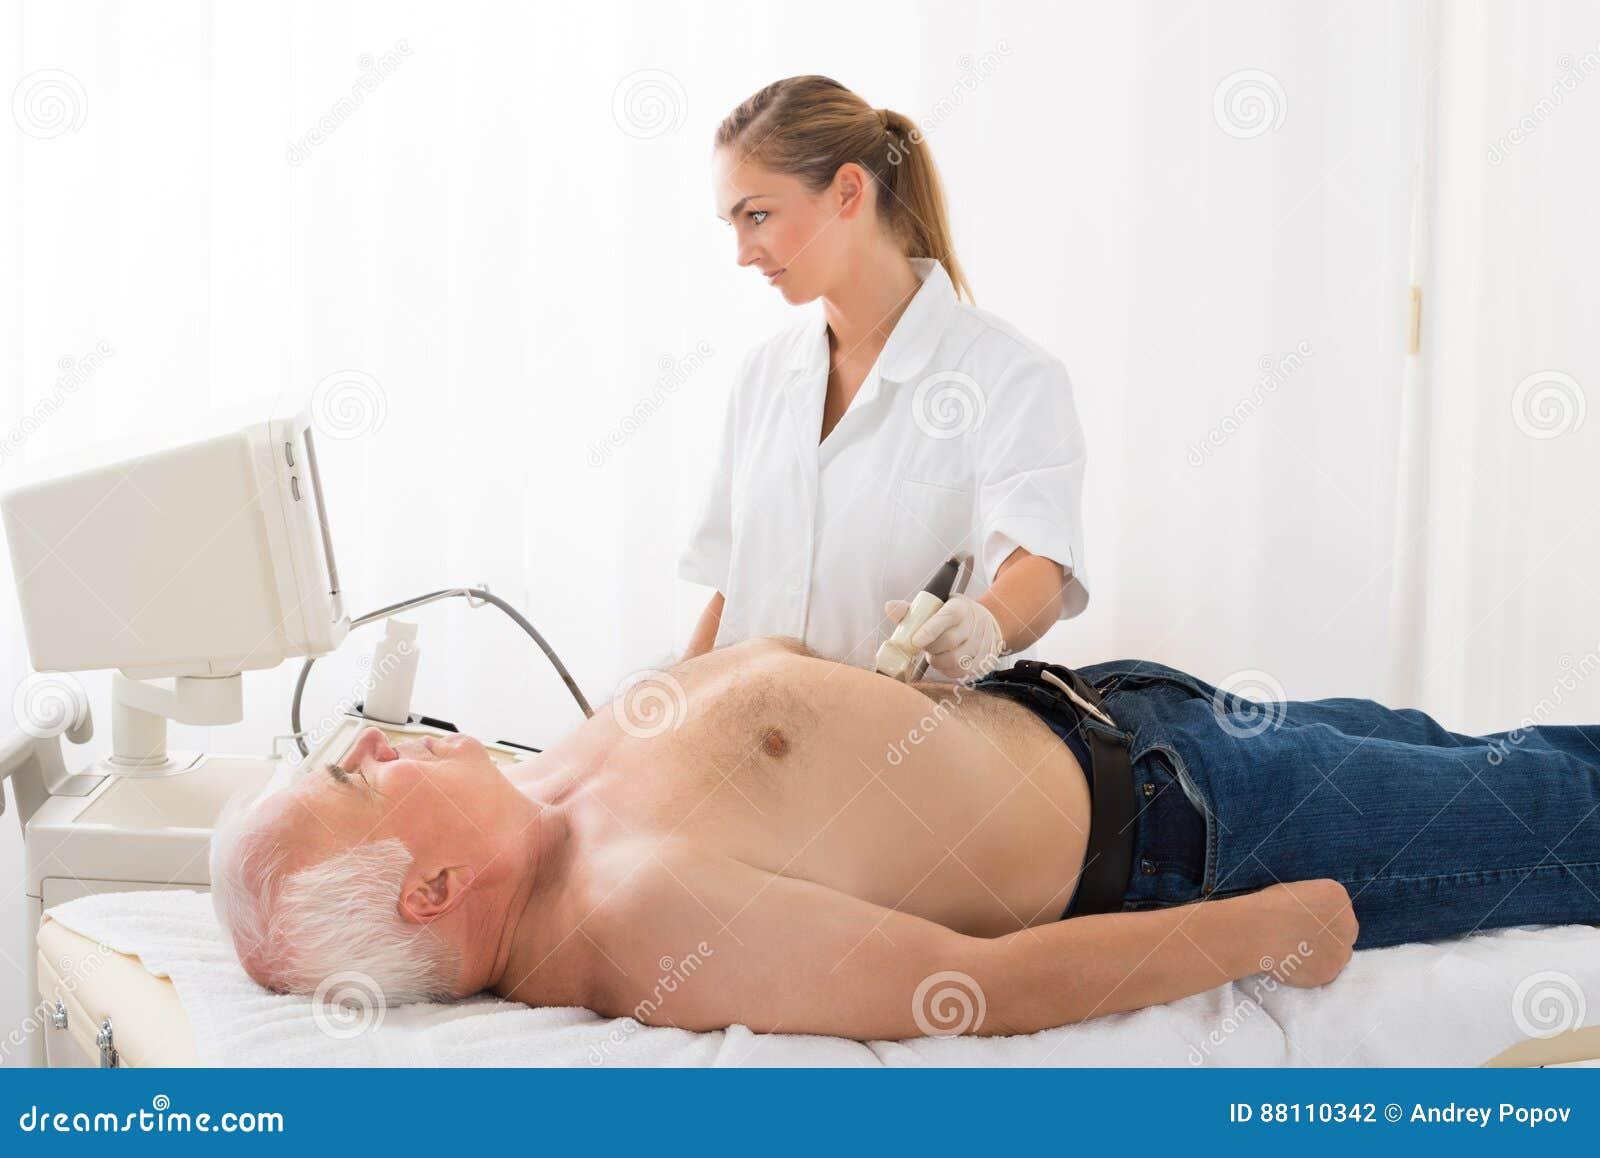 El doctor Using Ultrasound Scan en el abdomen del paciente masculino